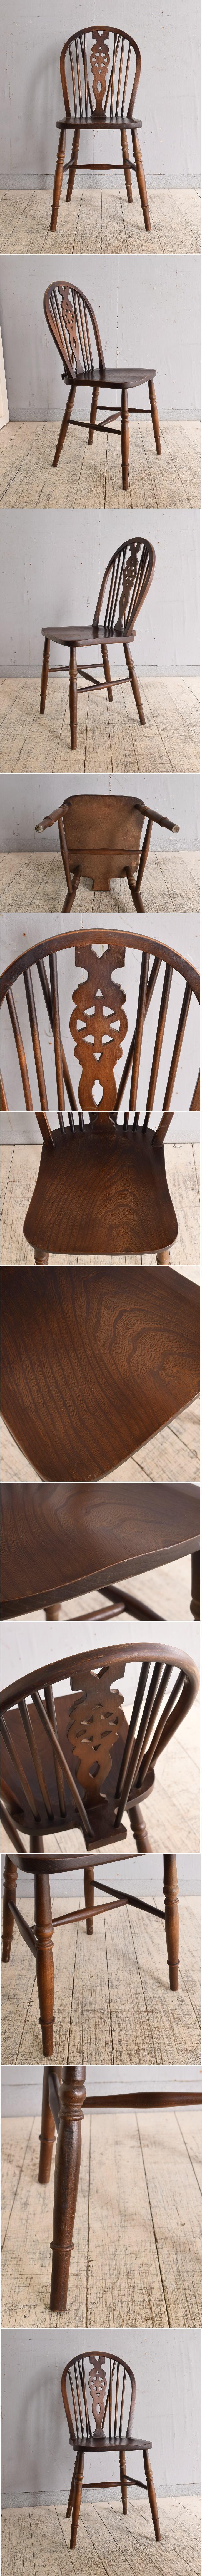 イギリス アンティーク家具 キッチンチェア 椅子 9654